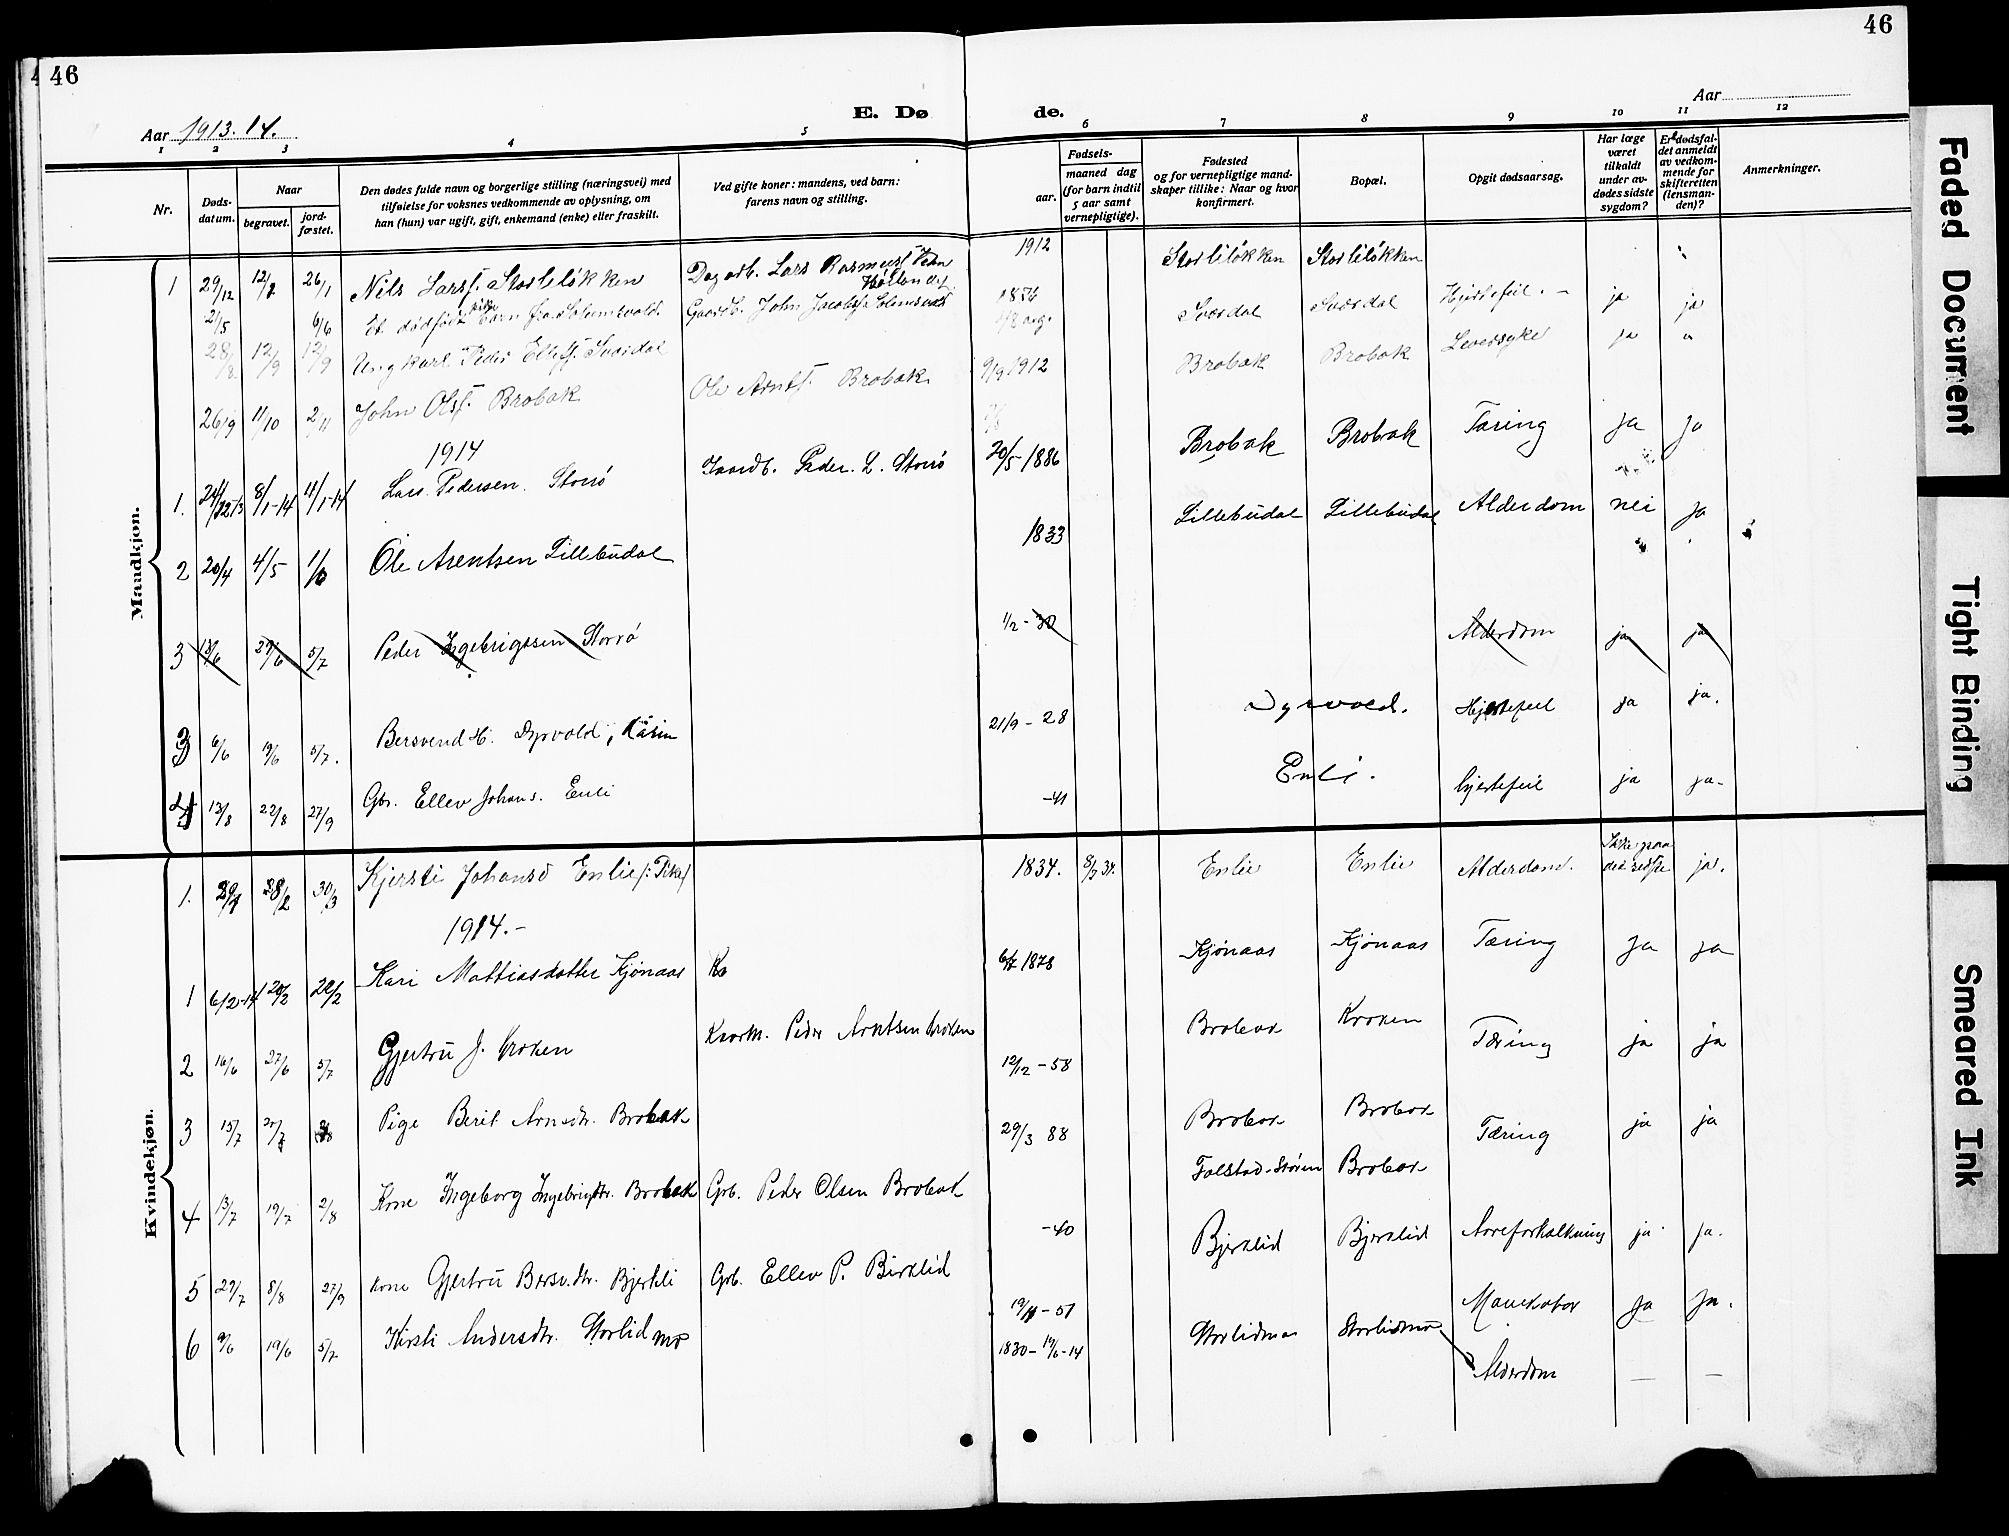 SAT, Ministerialprotokoller, klokkerbøker og fødselsregistre - Sør-Trøndelag, 690/L1052: Klokkerbok nr. 690C02, 1907-1929, s. 46